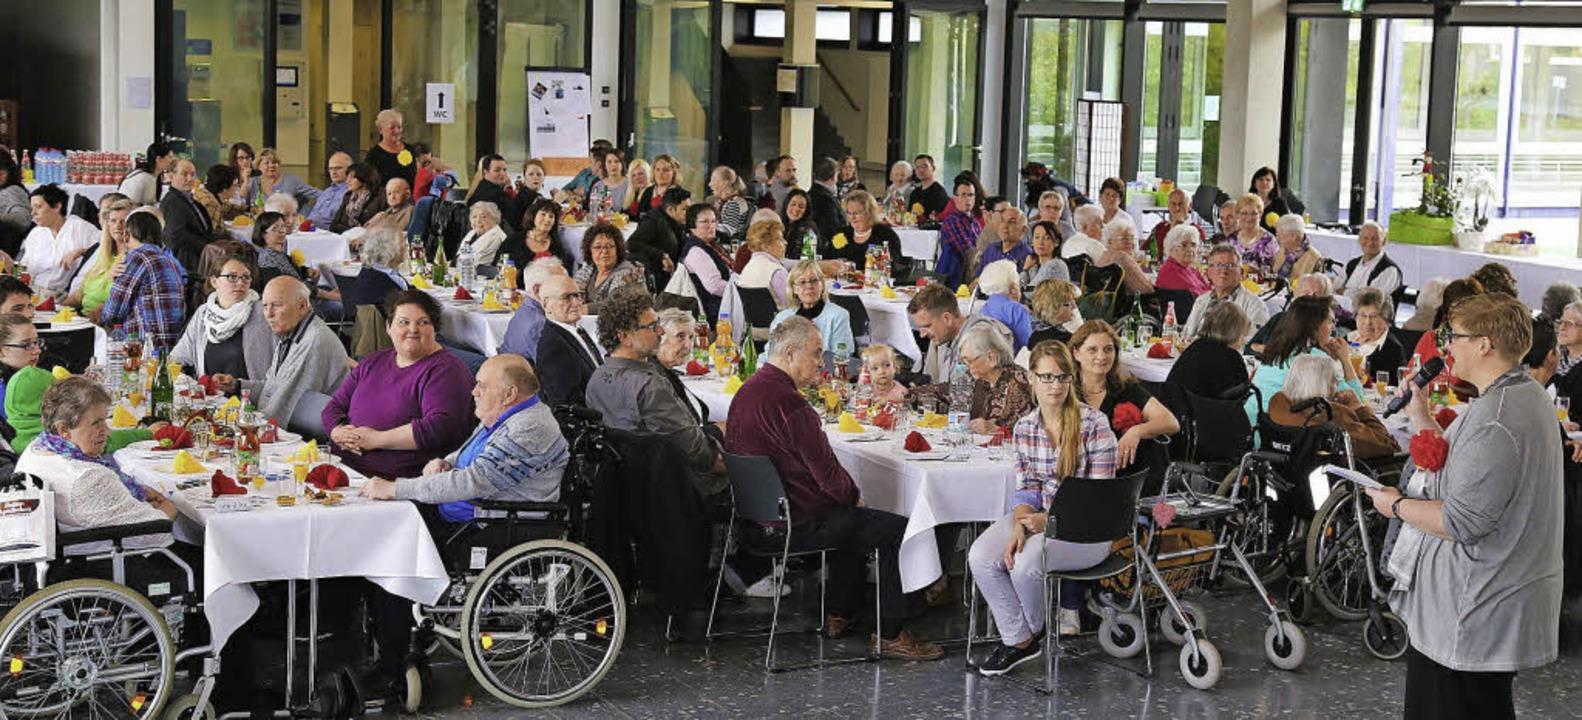 Große Feier des ASB-Seniorenzentrums in der Heimschule   | Foto: privat